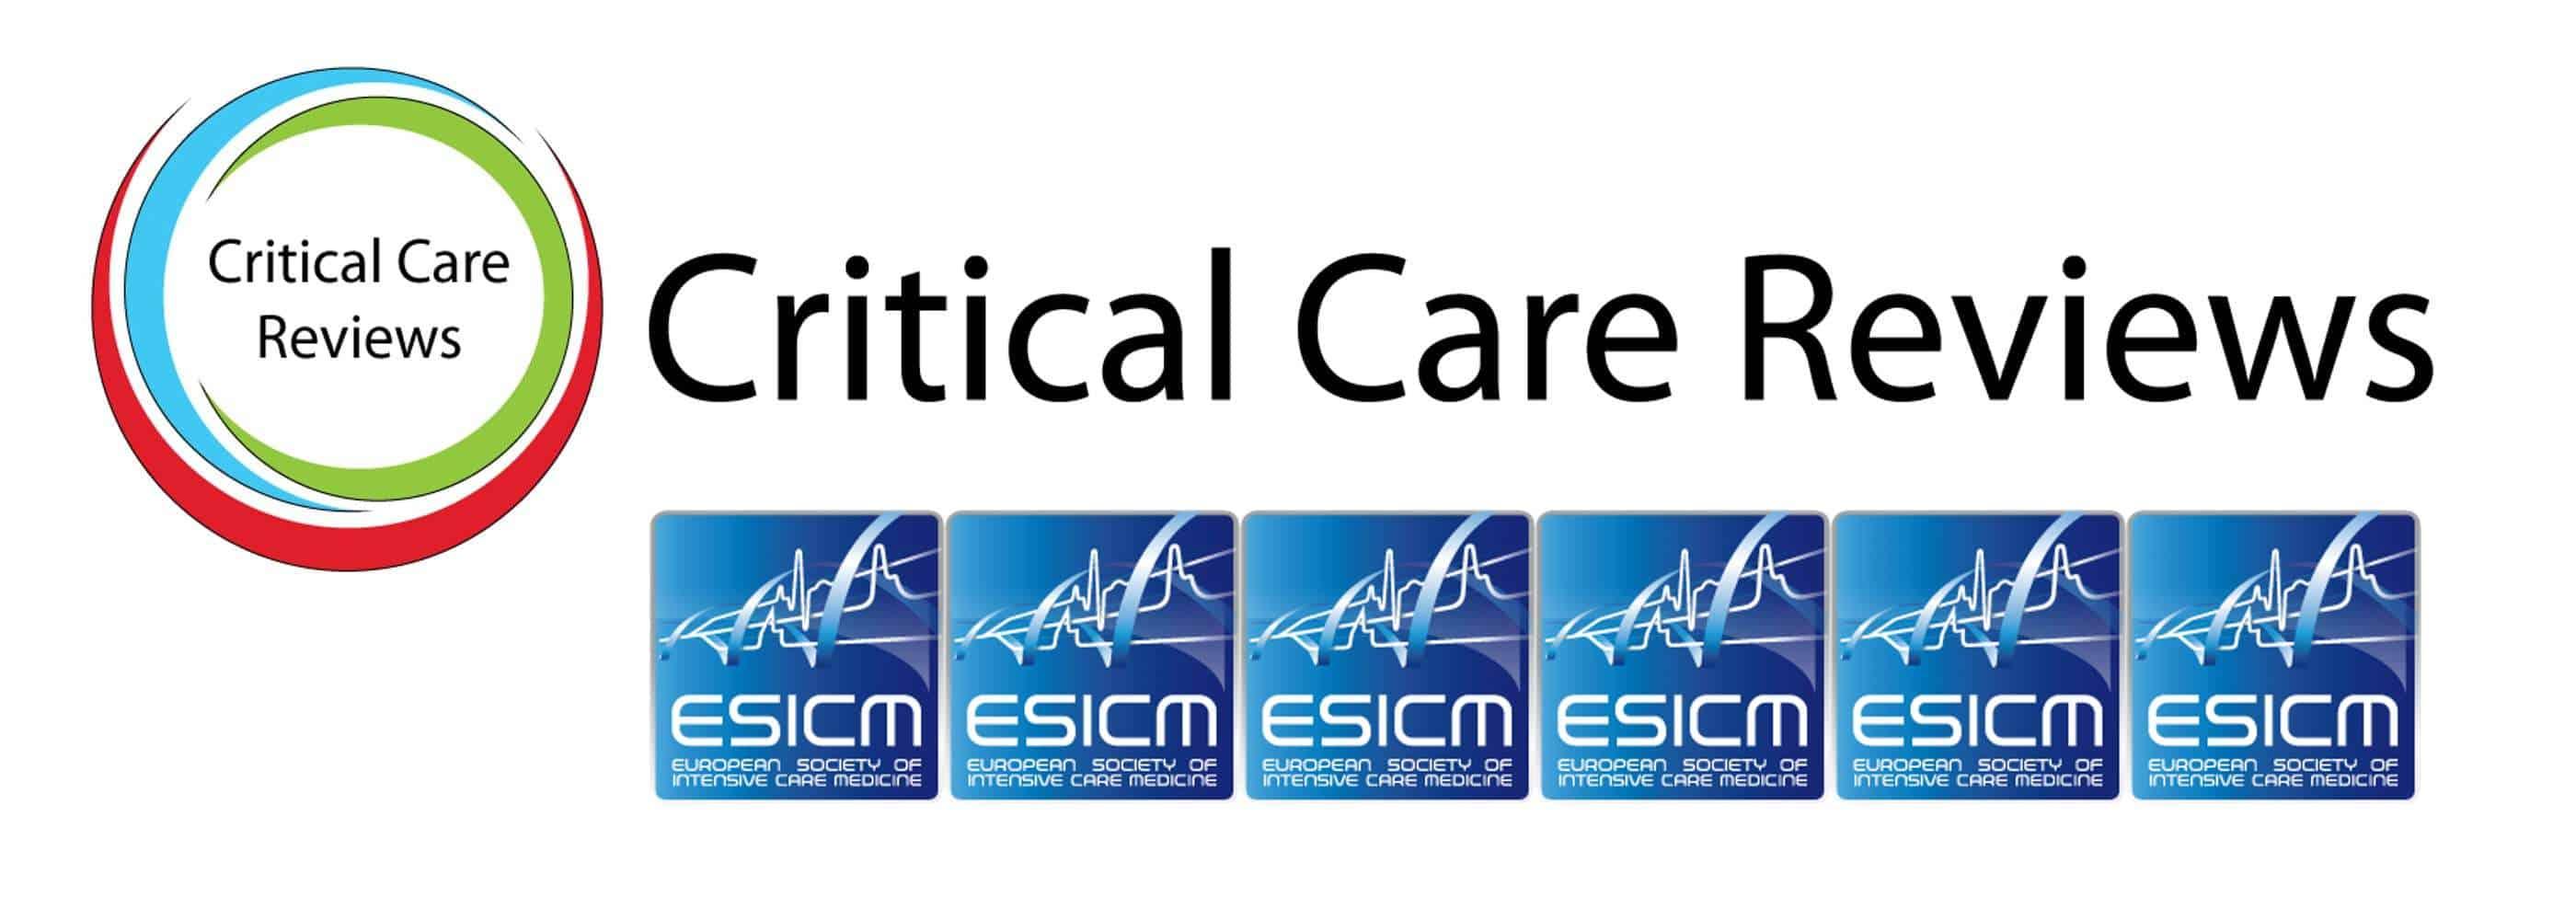 ESICM